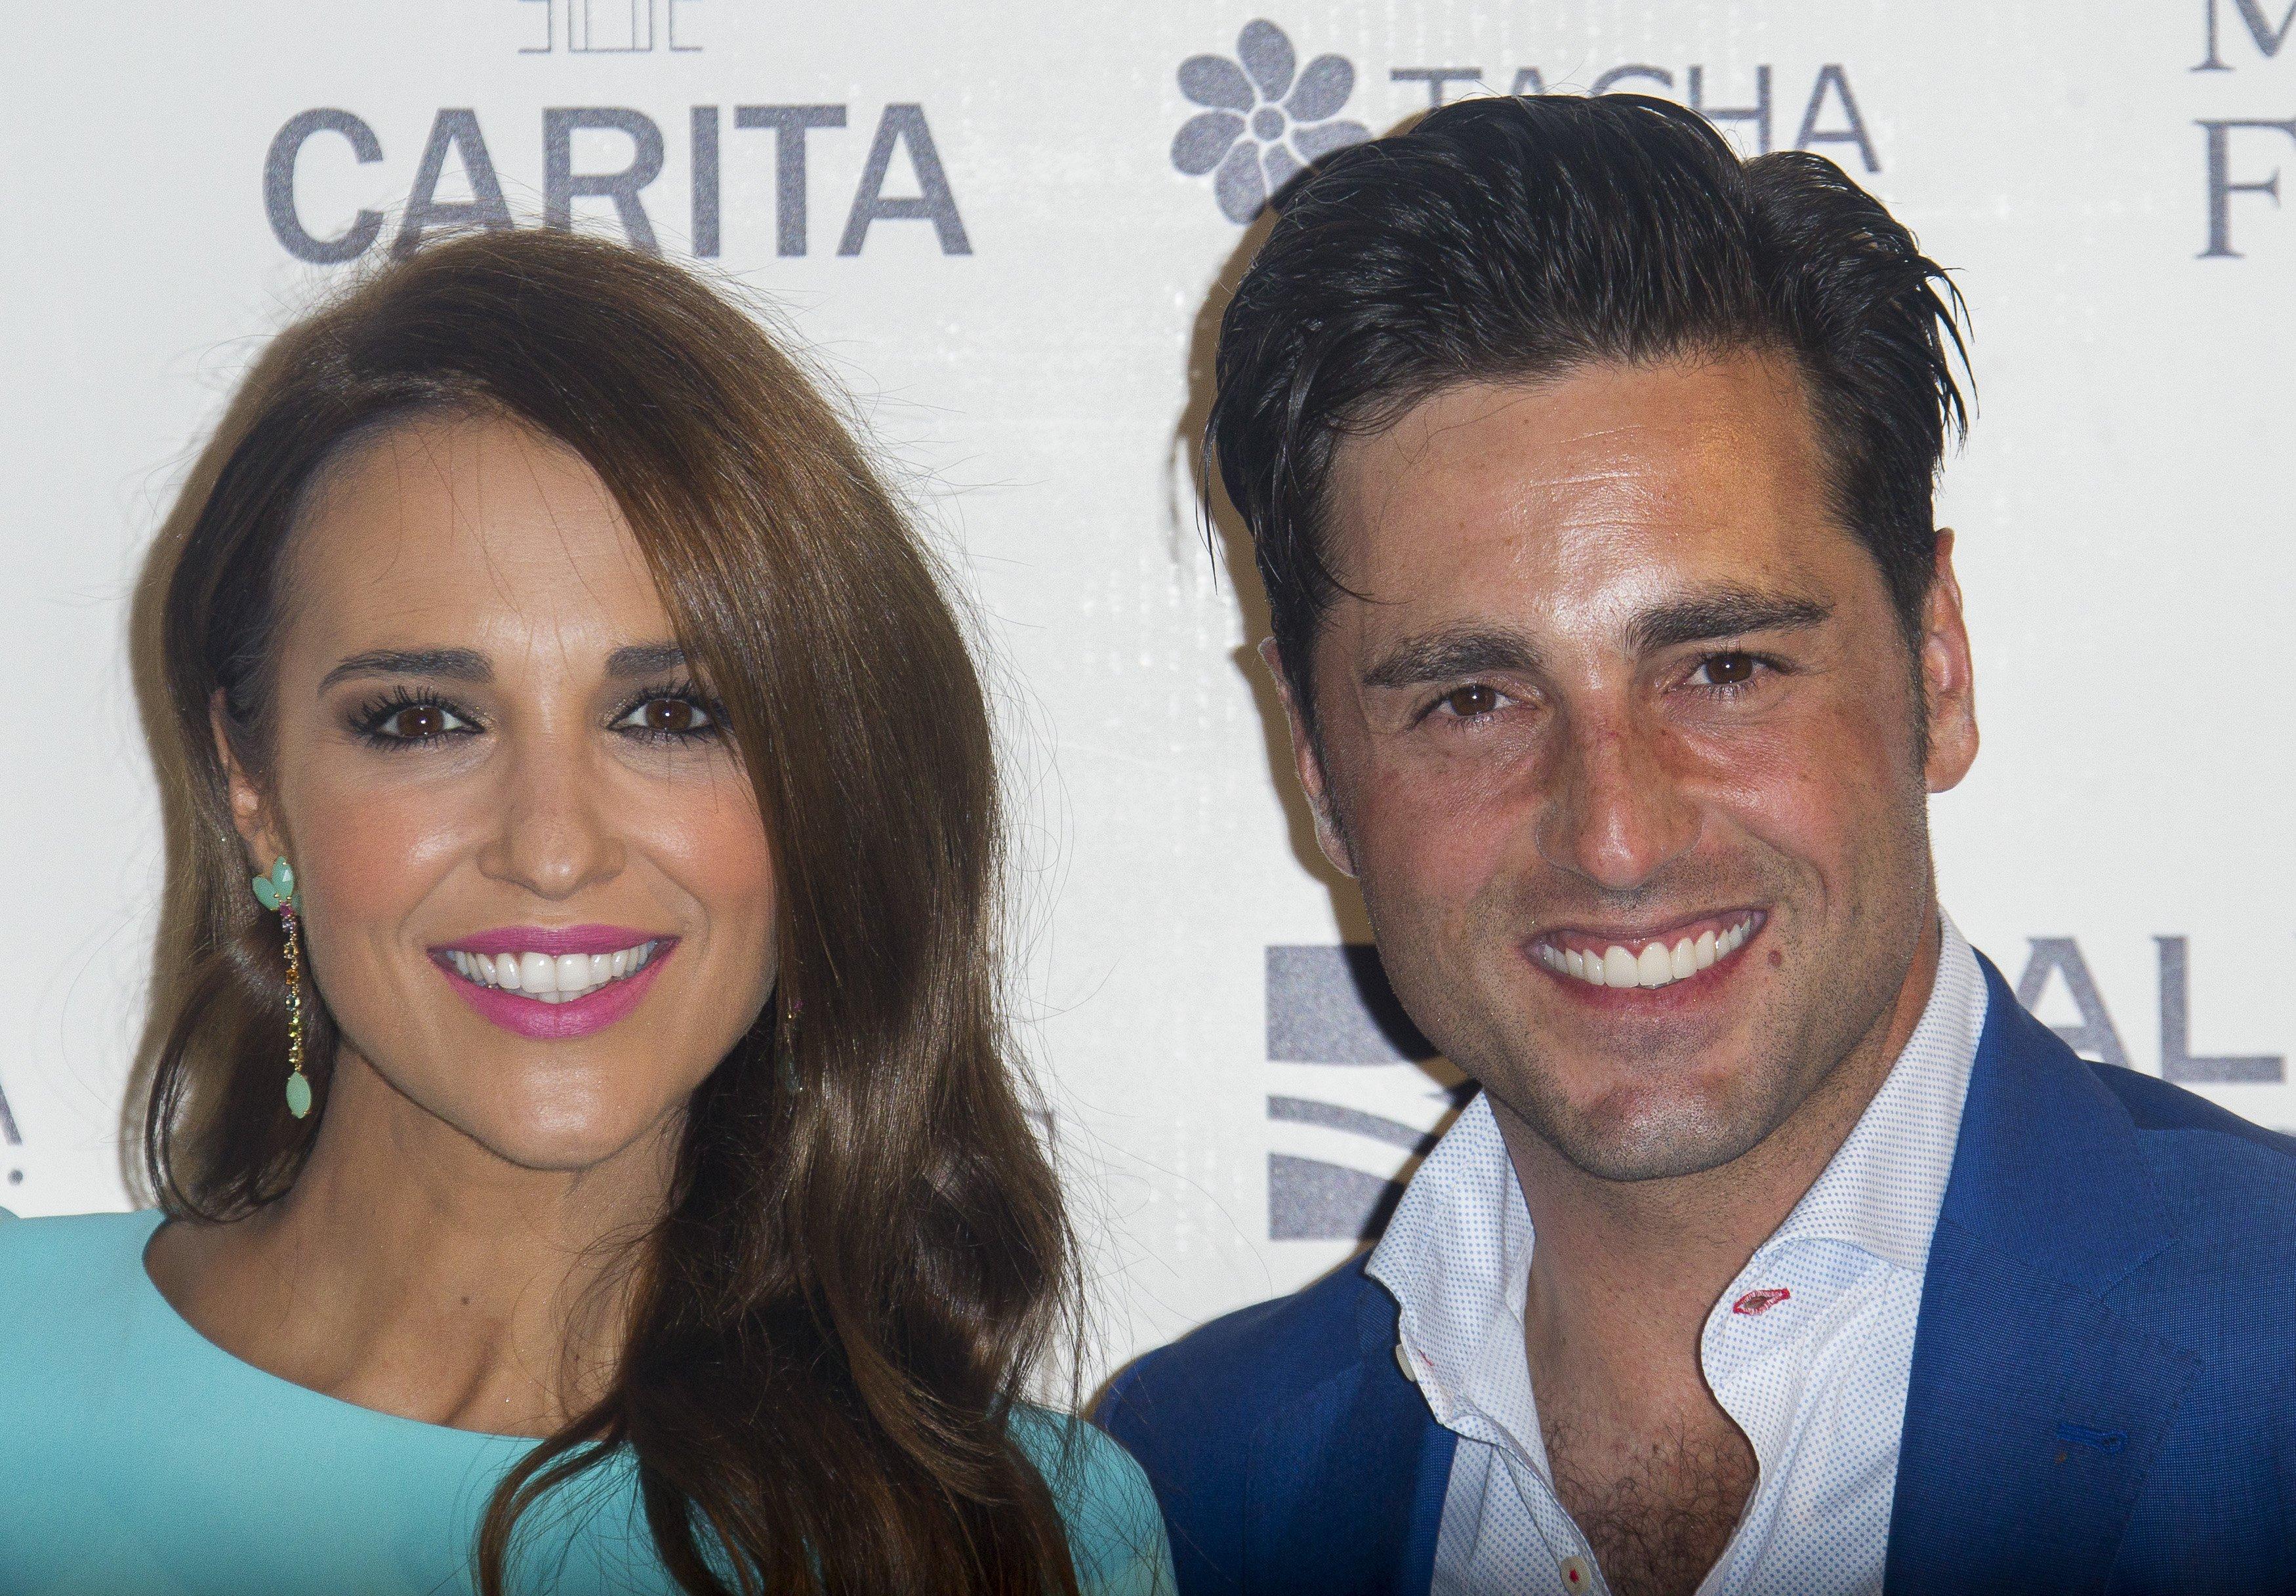 Paula Echevarría y David Bustamante asisten al Fashion Show de Jorge Vázquez en la residencia del embajador de Francia, el 22 de septiembre de 2015, en Madrid, España || Fuente: Getty Images